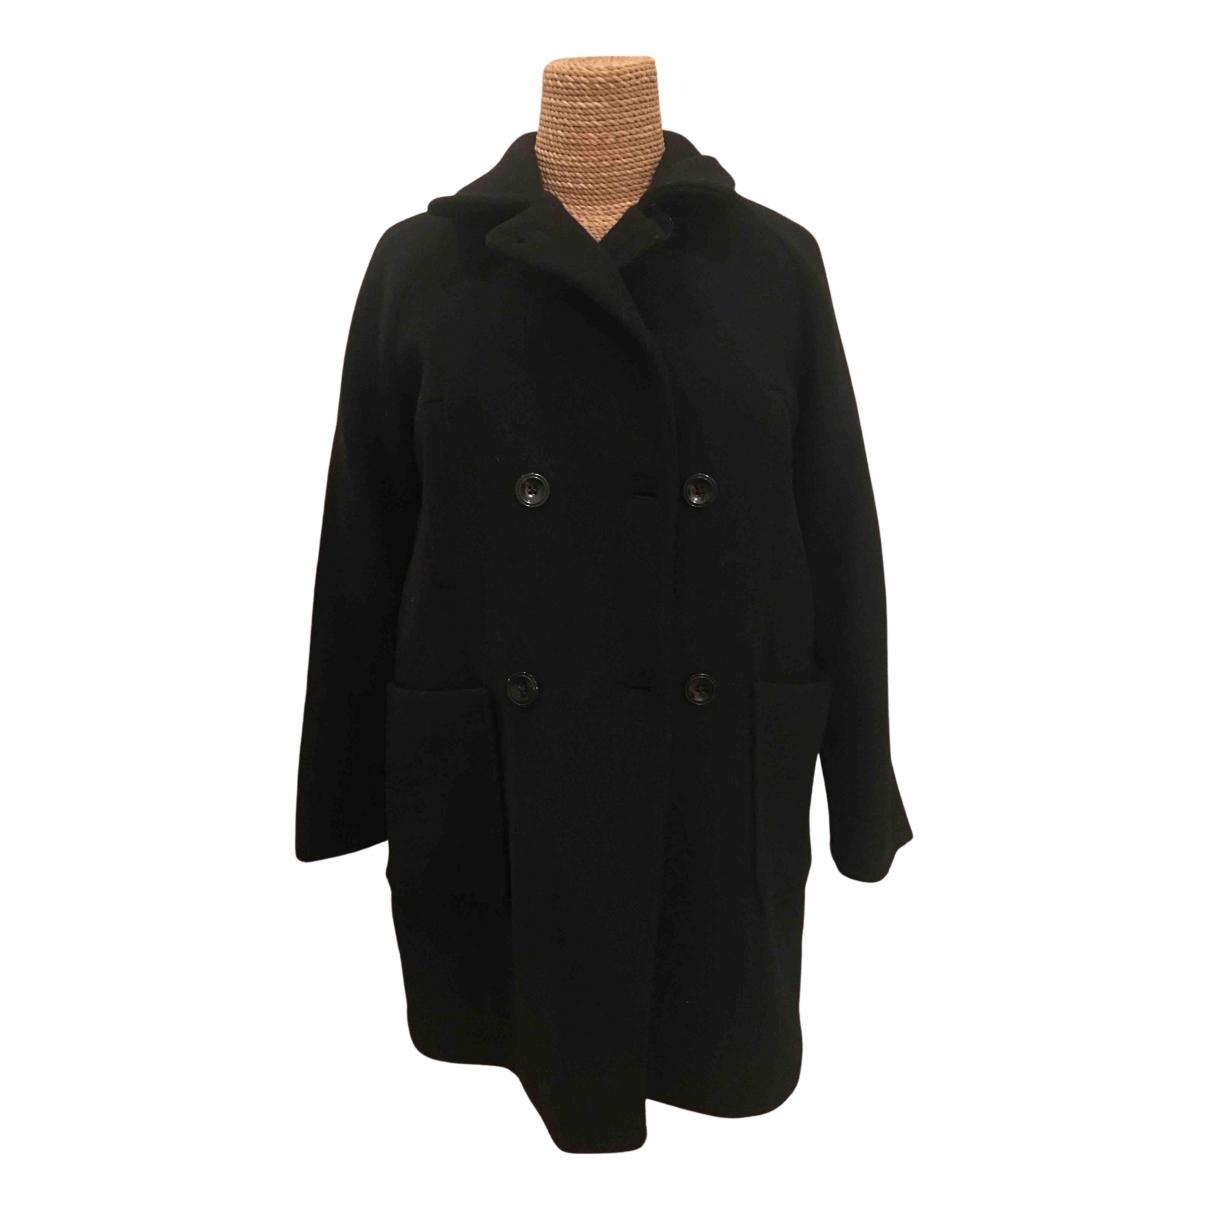 Zara - Blousons.Manteaux   pour enfant en fourrure synthetique - bleu